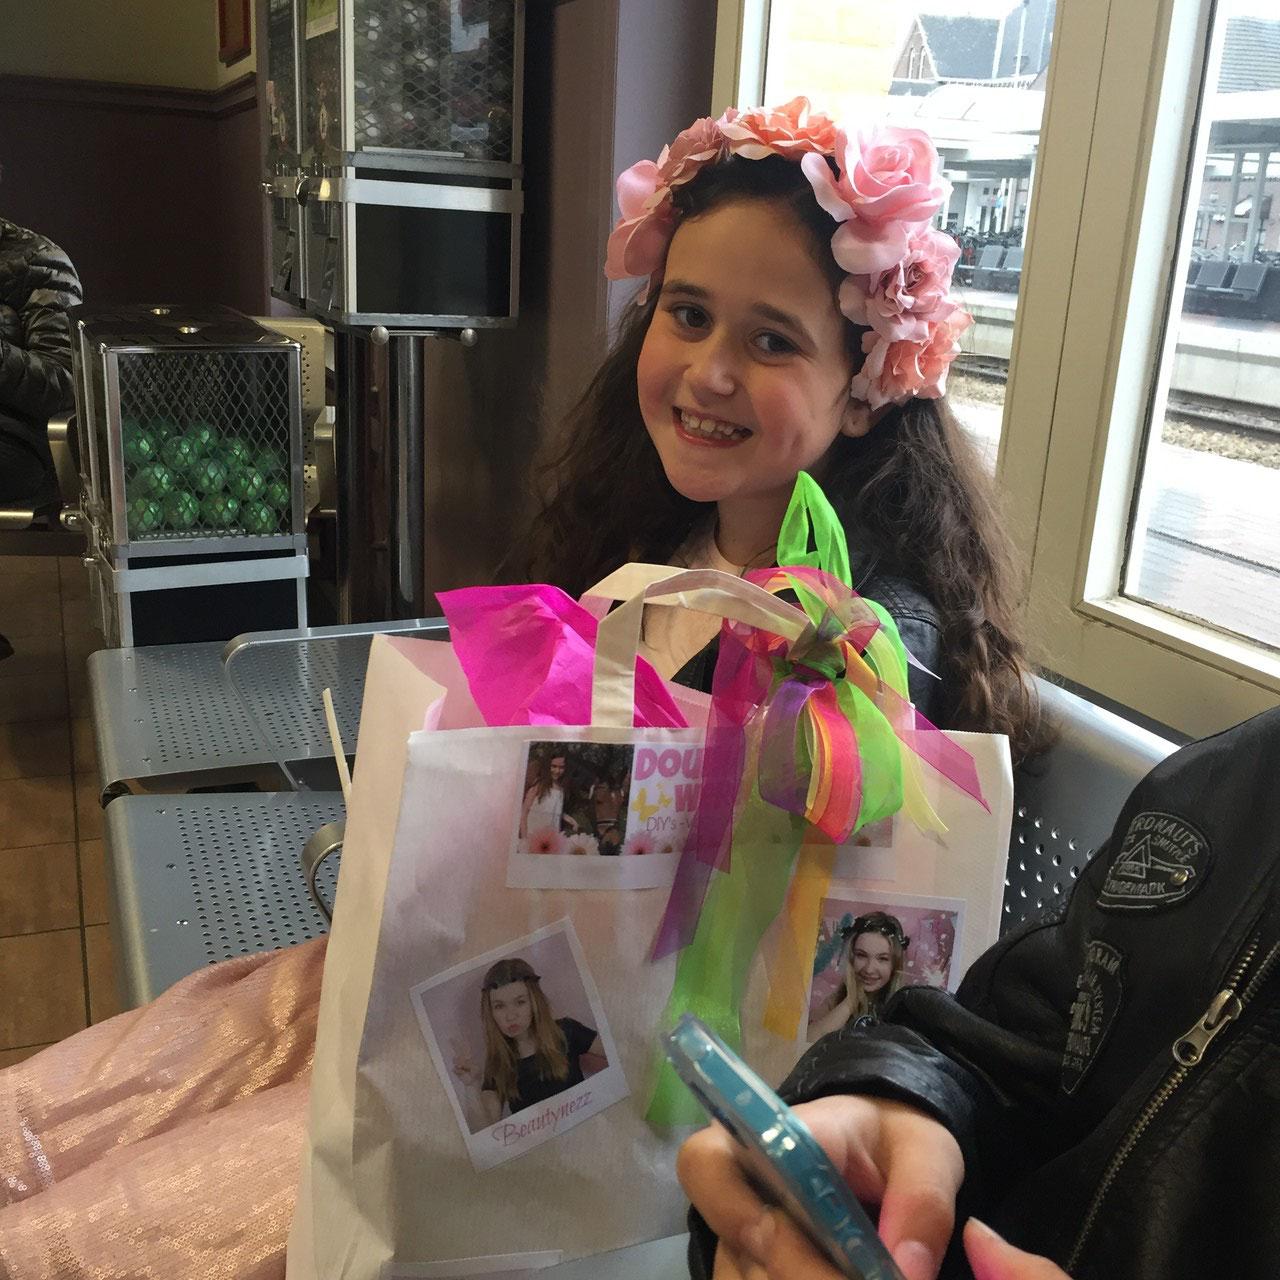 Mijn tasje met cadeautjes voor Joy trekt het aandacht van de mensen in het station